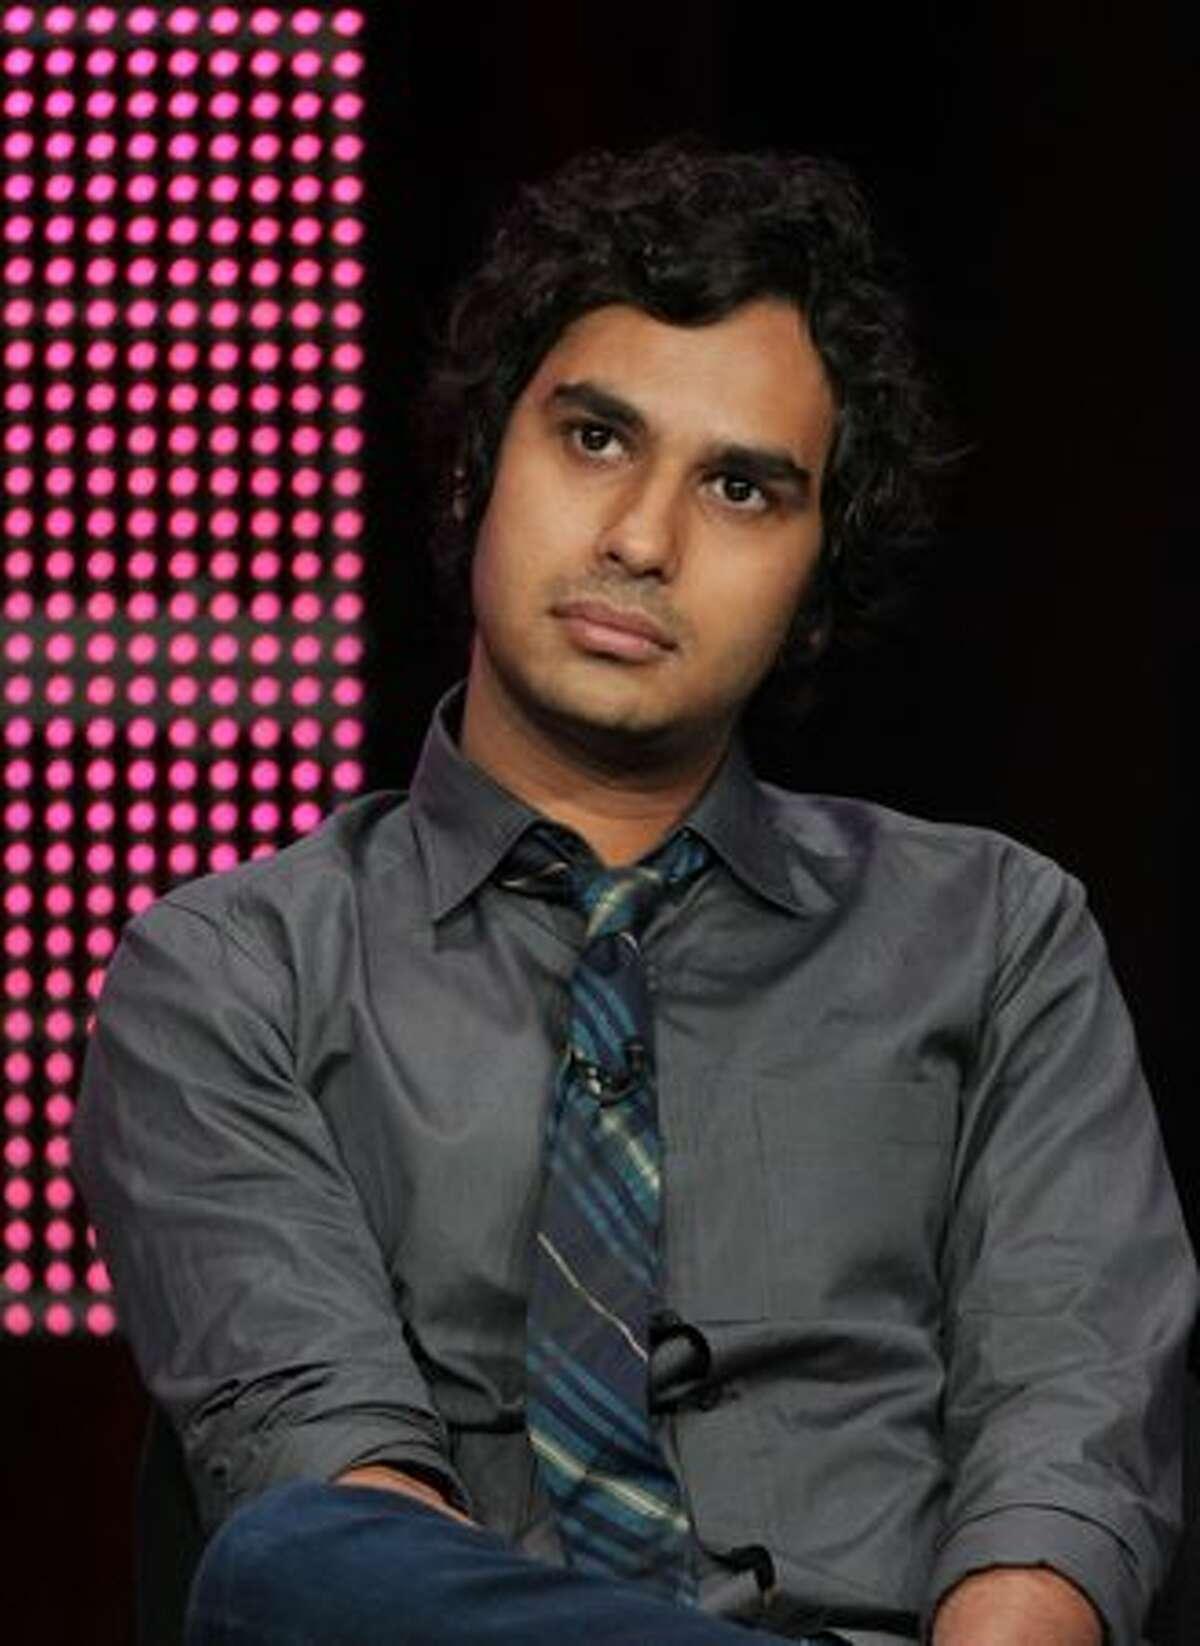 Actor Kunal Nayyar speaks at